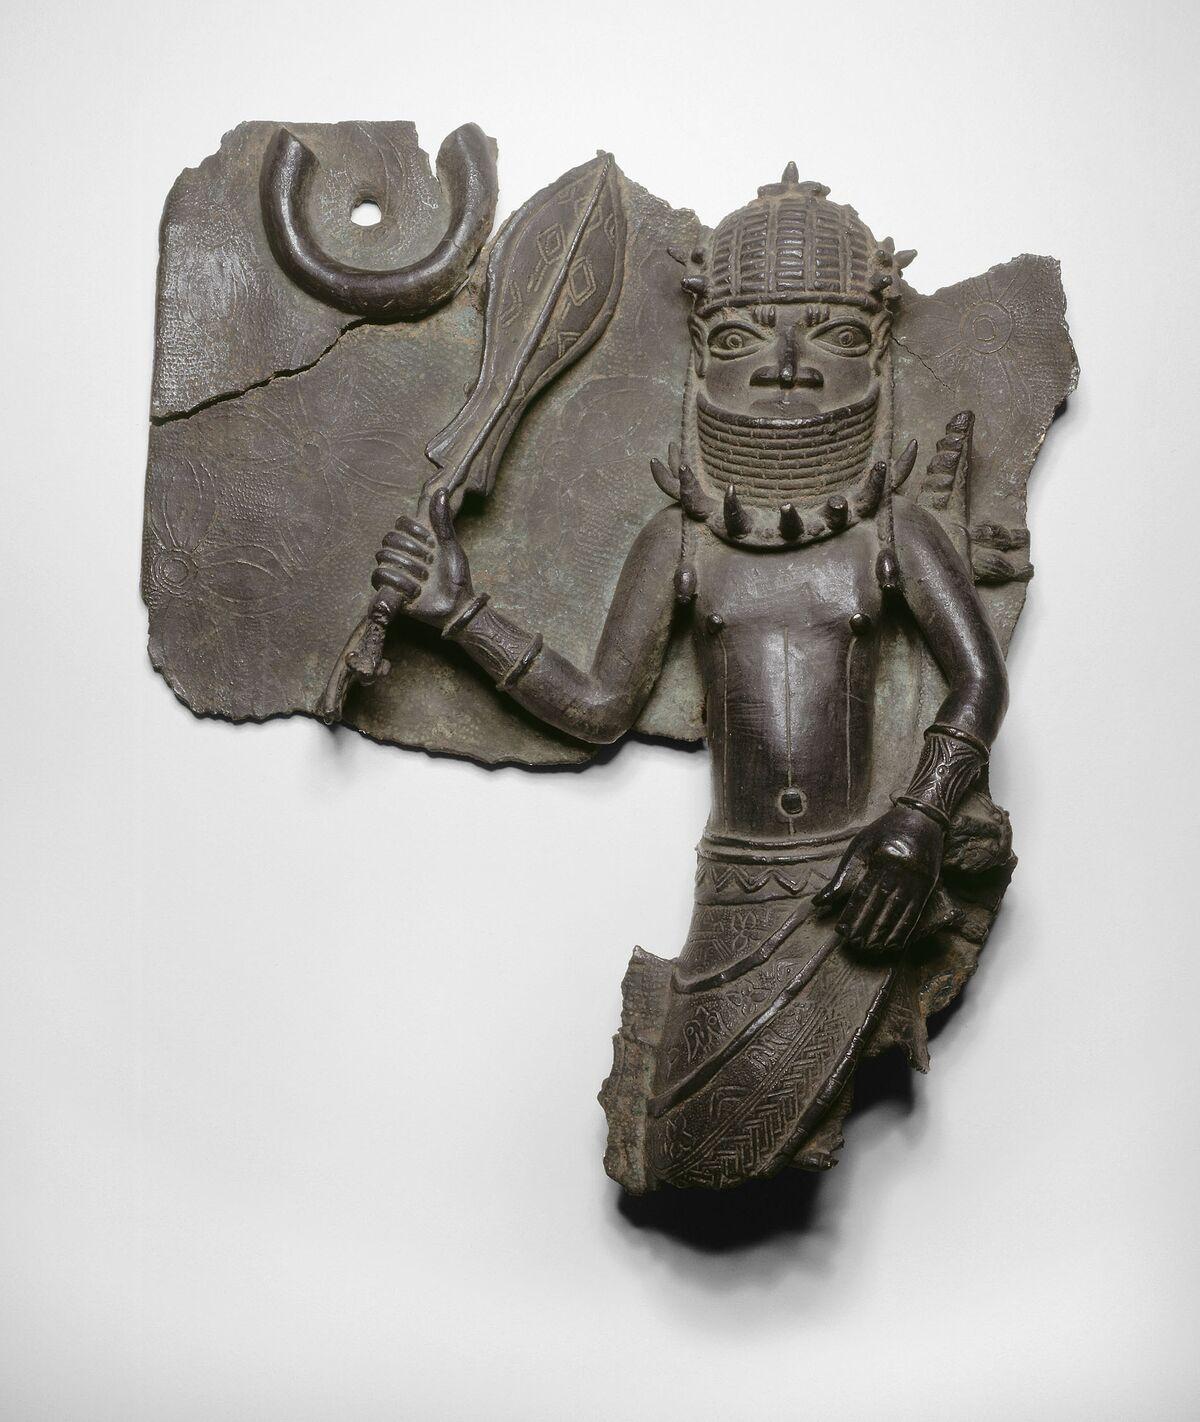 Plaque, Edo, Kingdom of Benin, Nigeria, 1501–1700. Courtesy of The Art Institute of Chicago.